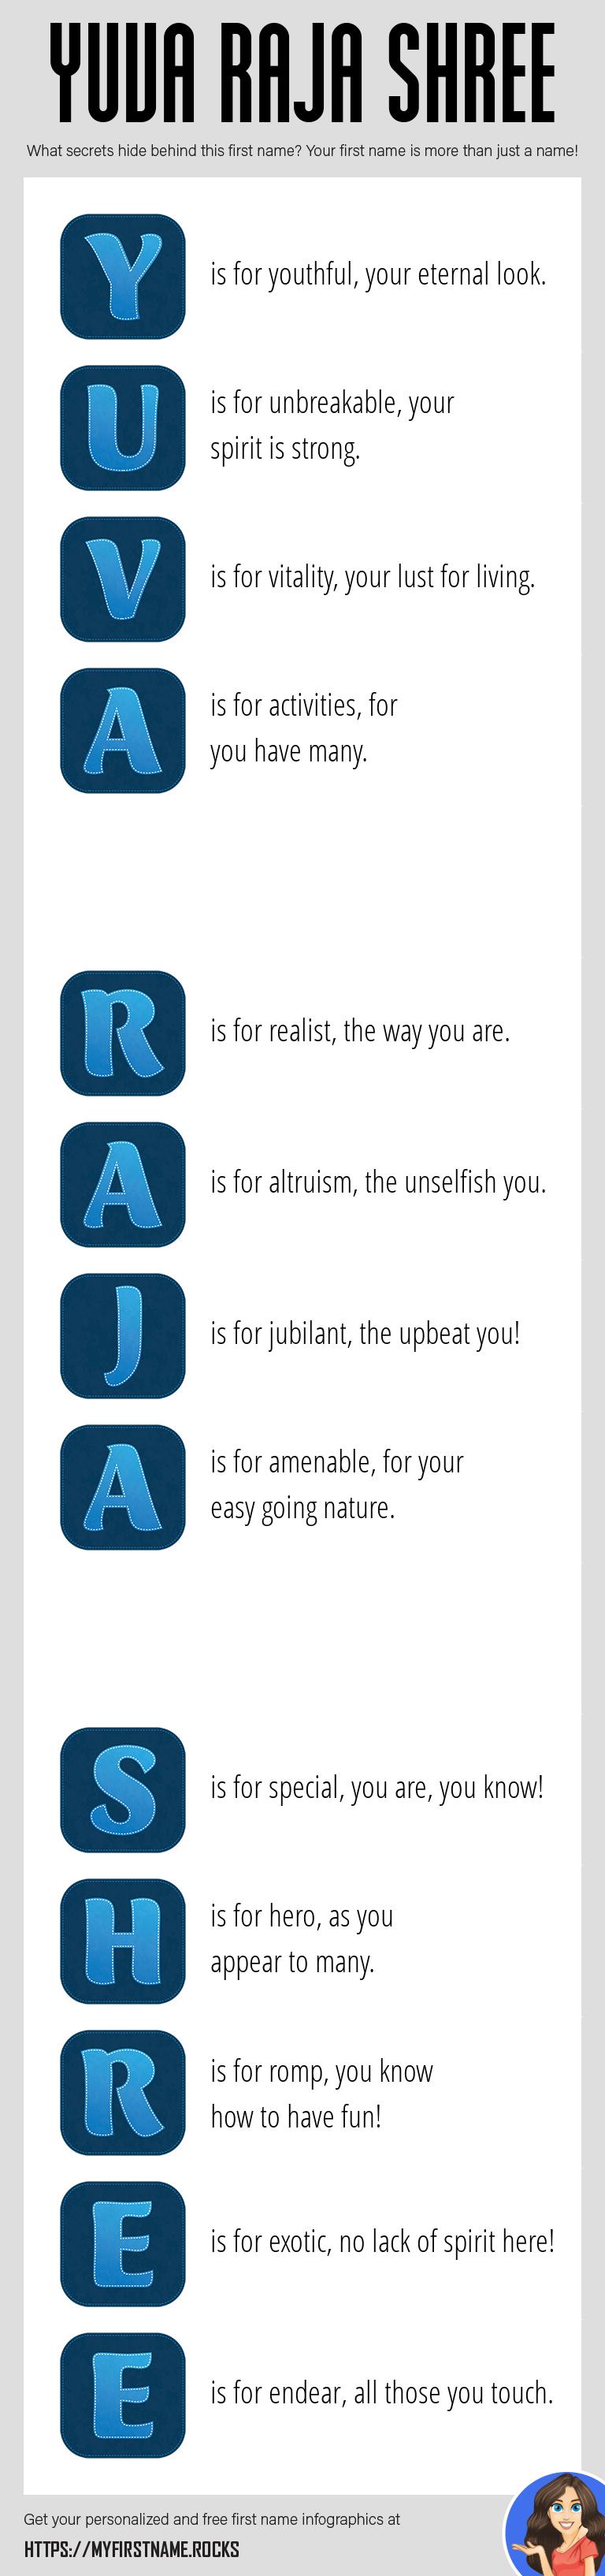 Yuva Raja Shree Infographics